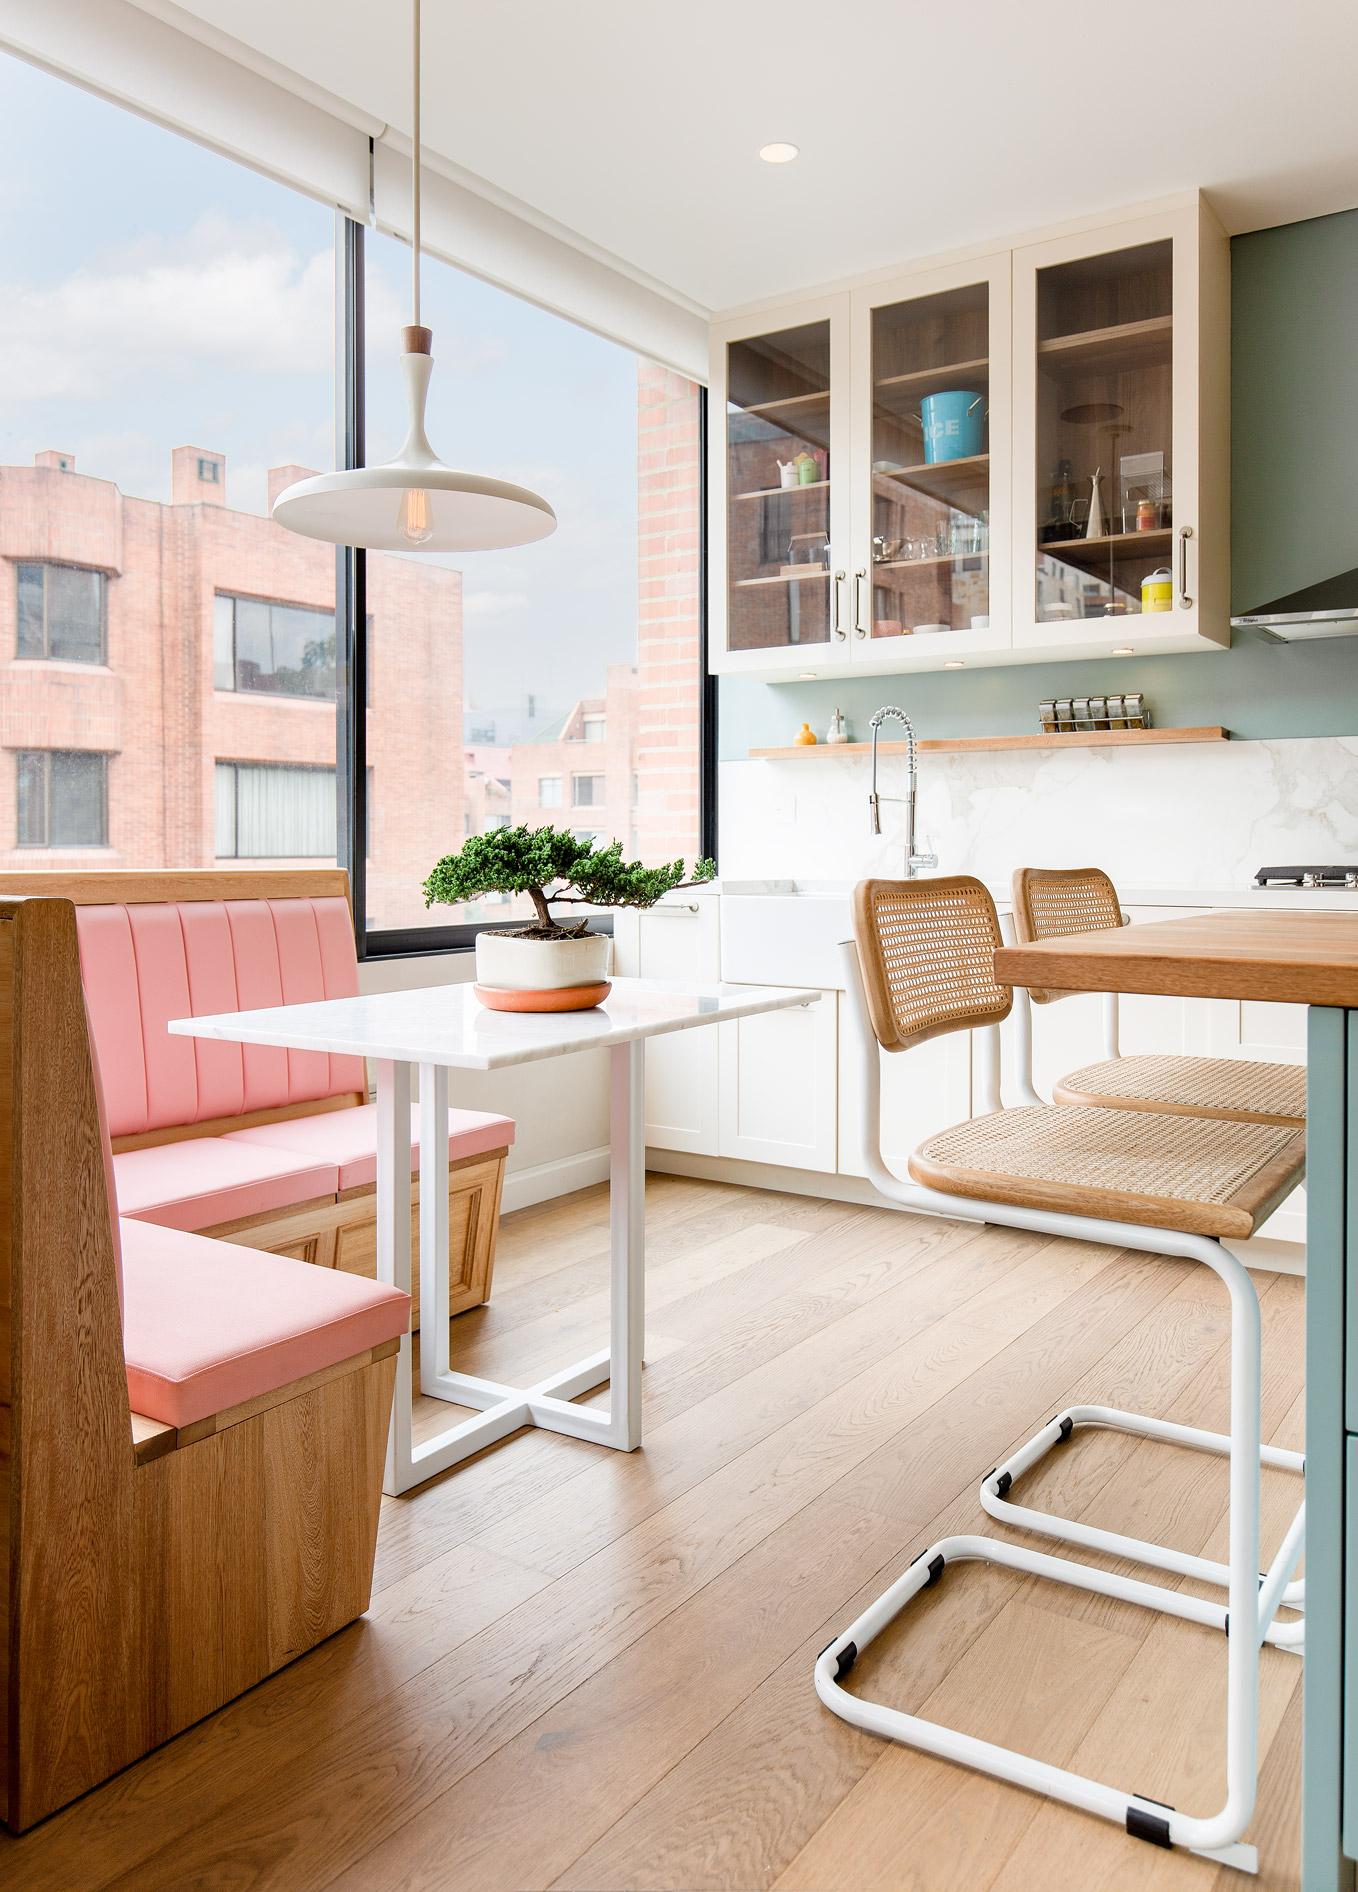 03.studio.manrique.duque.arquitectura.simonboschphotography.interior.architecture.colombia.apartement.fotografo.arquitectura.bogota.